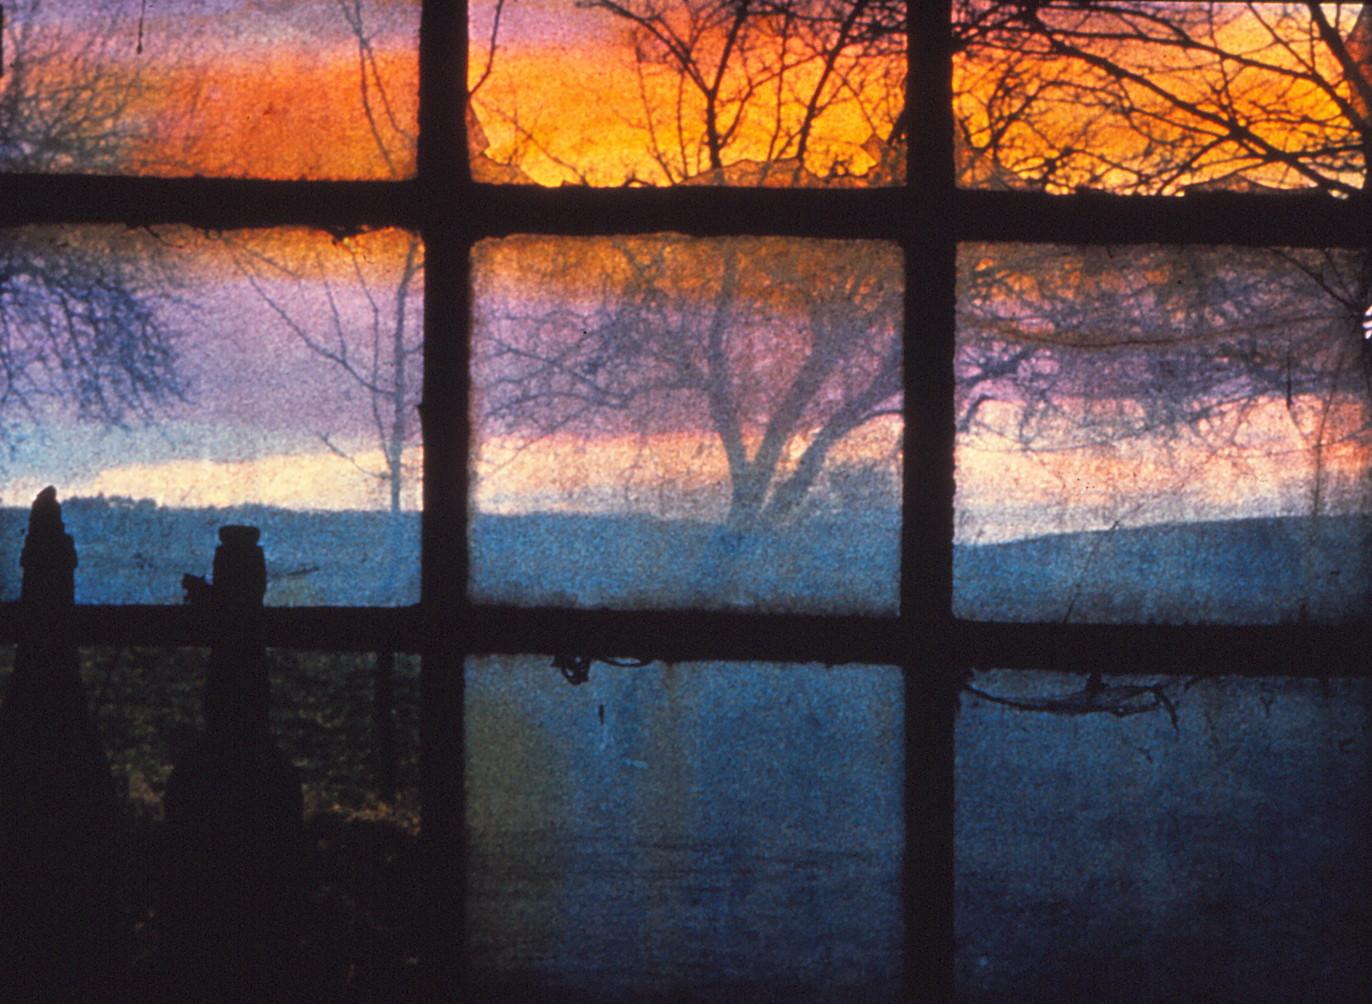 Das Fenster zum Strand an der Nordsee in Sanct -Peter